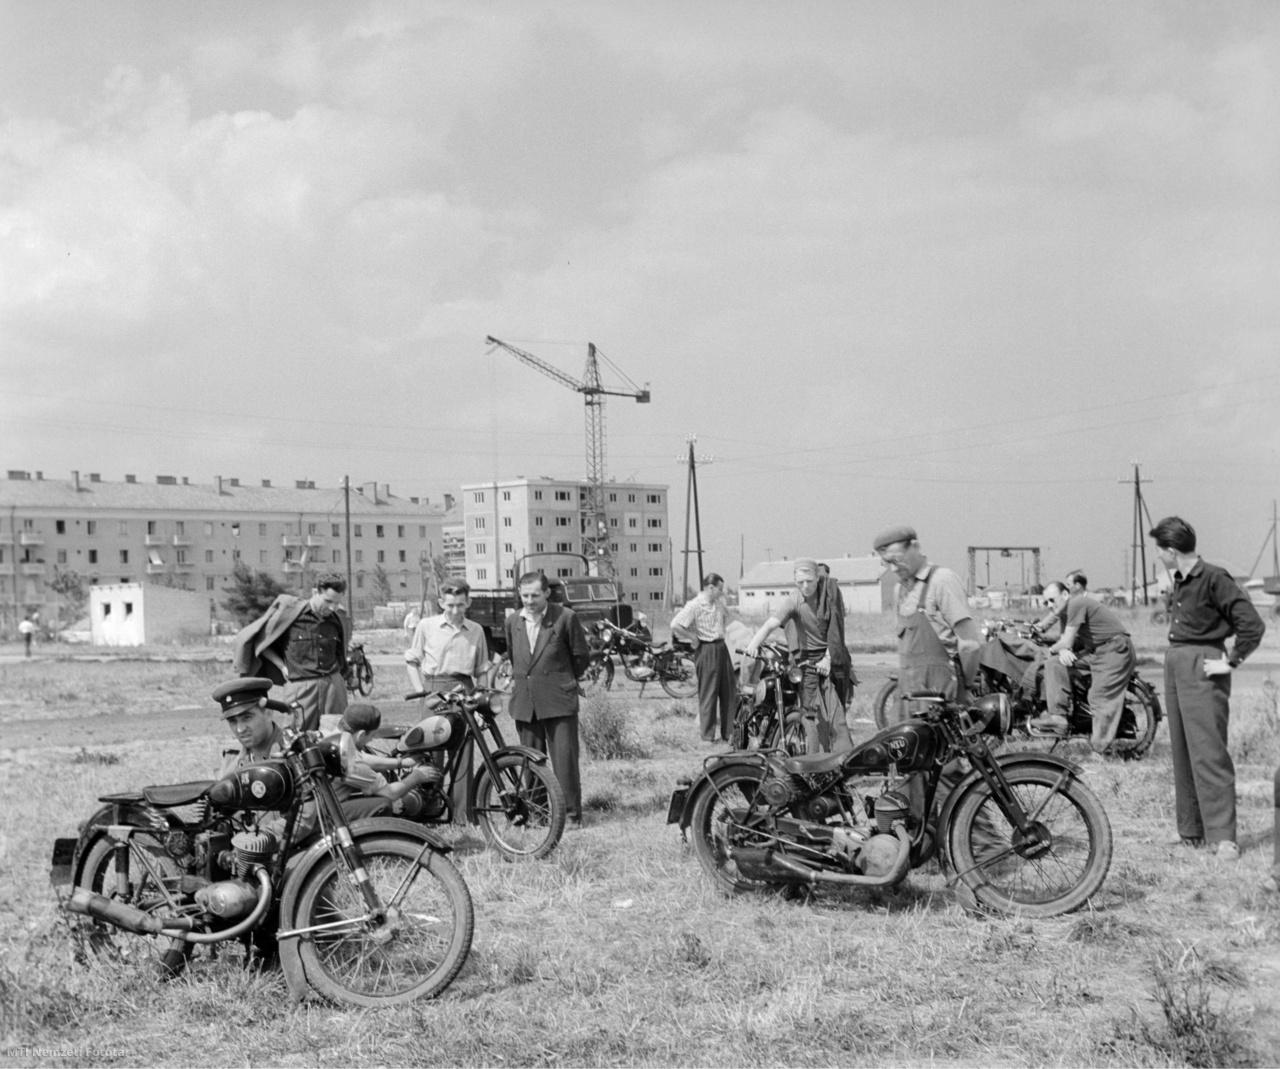 Motorkerékpárosok járműveikről beszélgetnek törzshelyükön a  Dózsa György út és a Sztálin út sarkán Sztálinvárosban, 1959. július 7-én